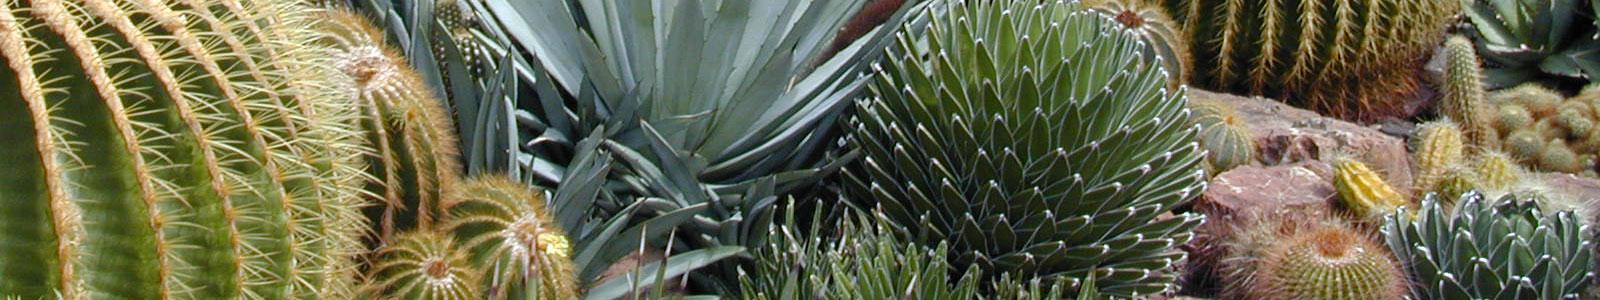 Cactofilia tutte le foto di cactus e piante grasse for Tutte le piante grasse